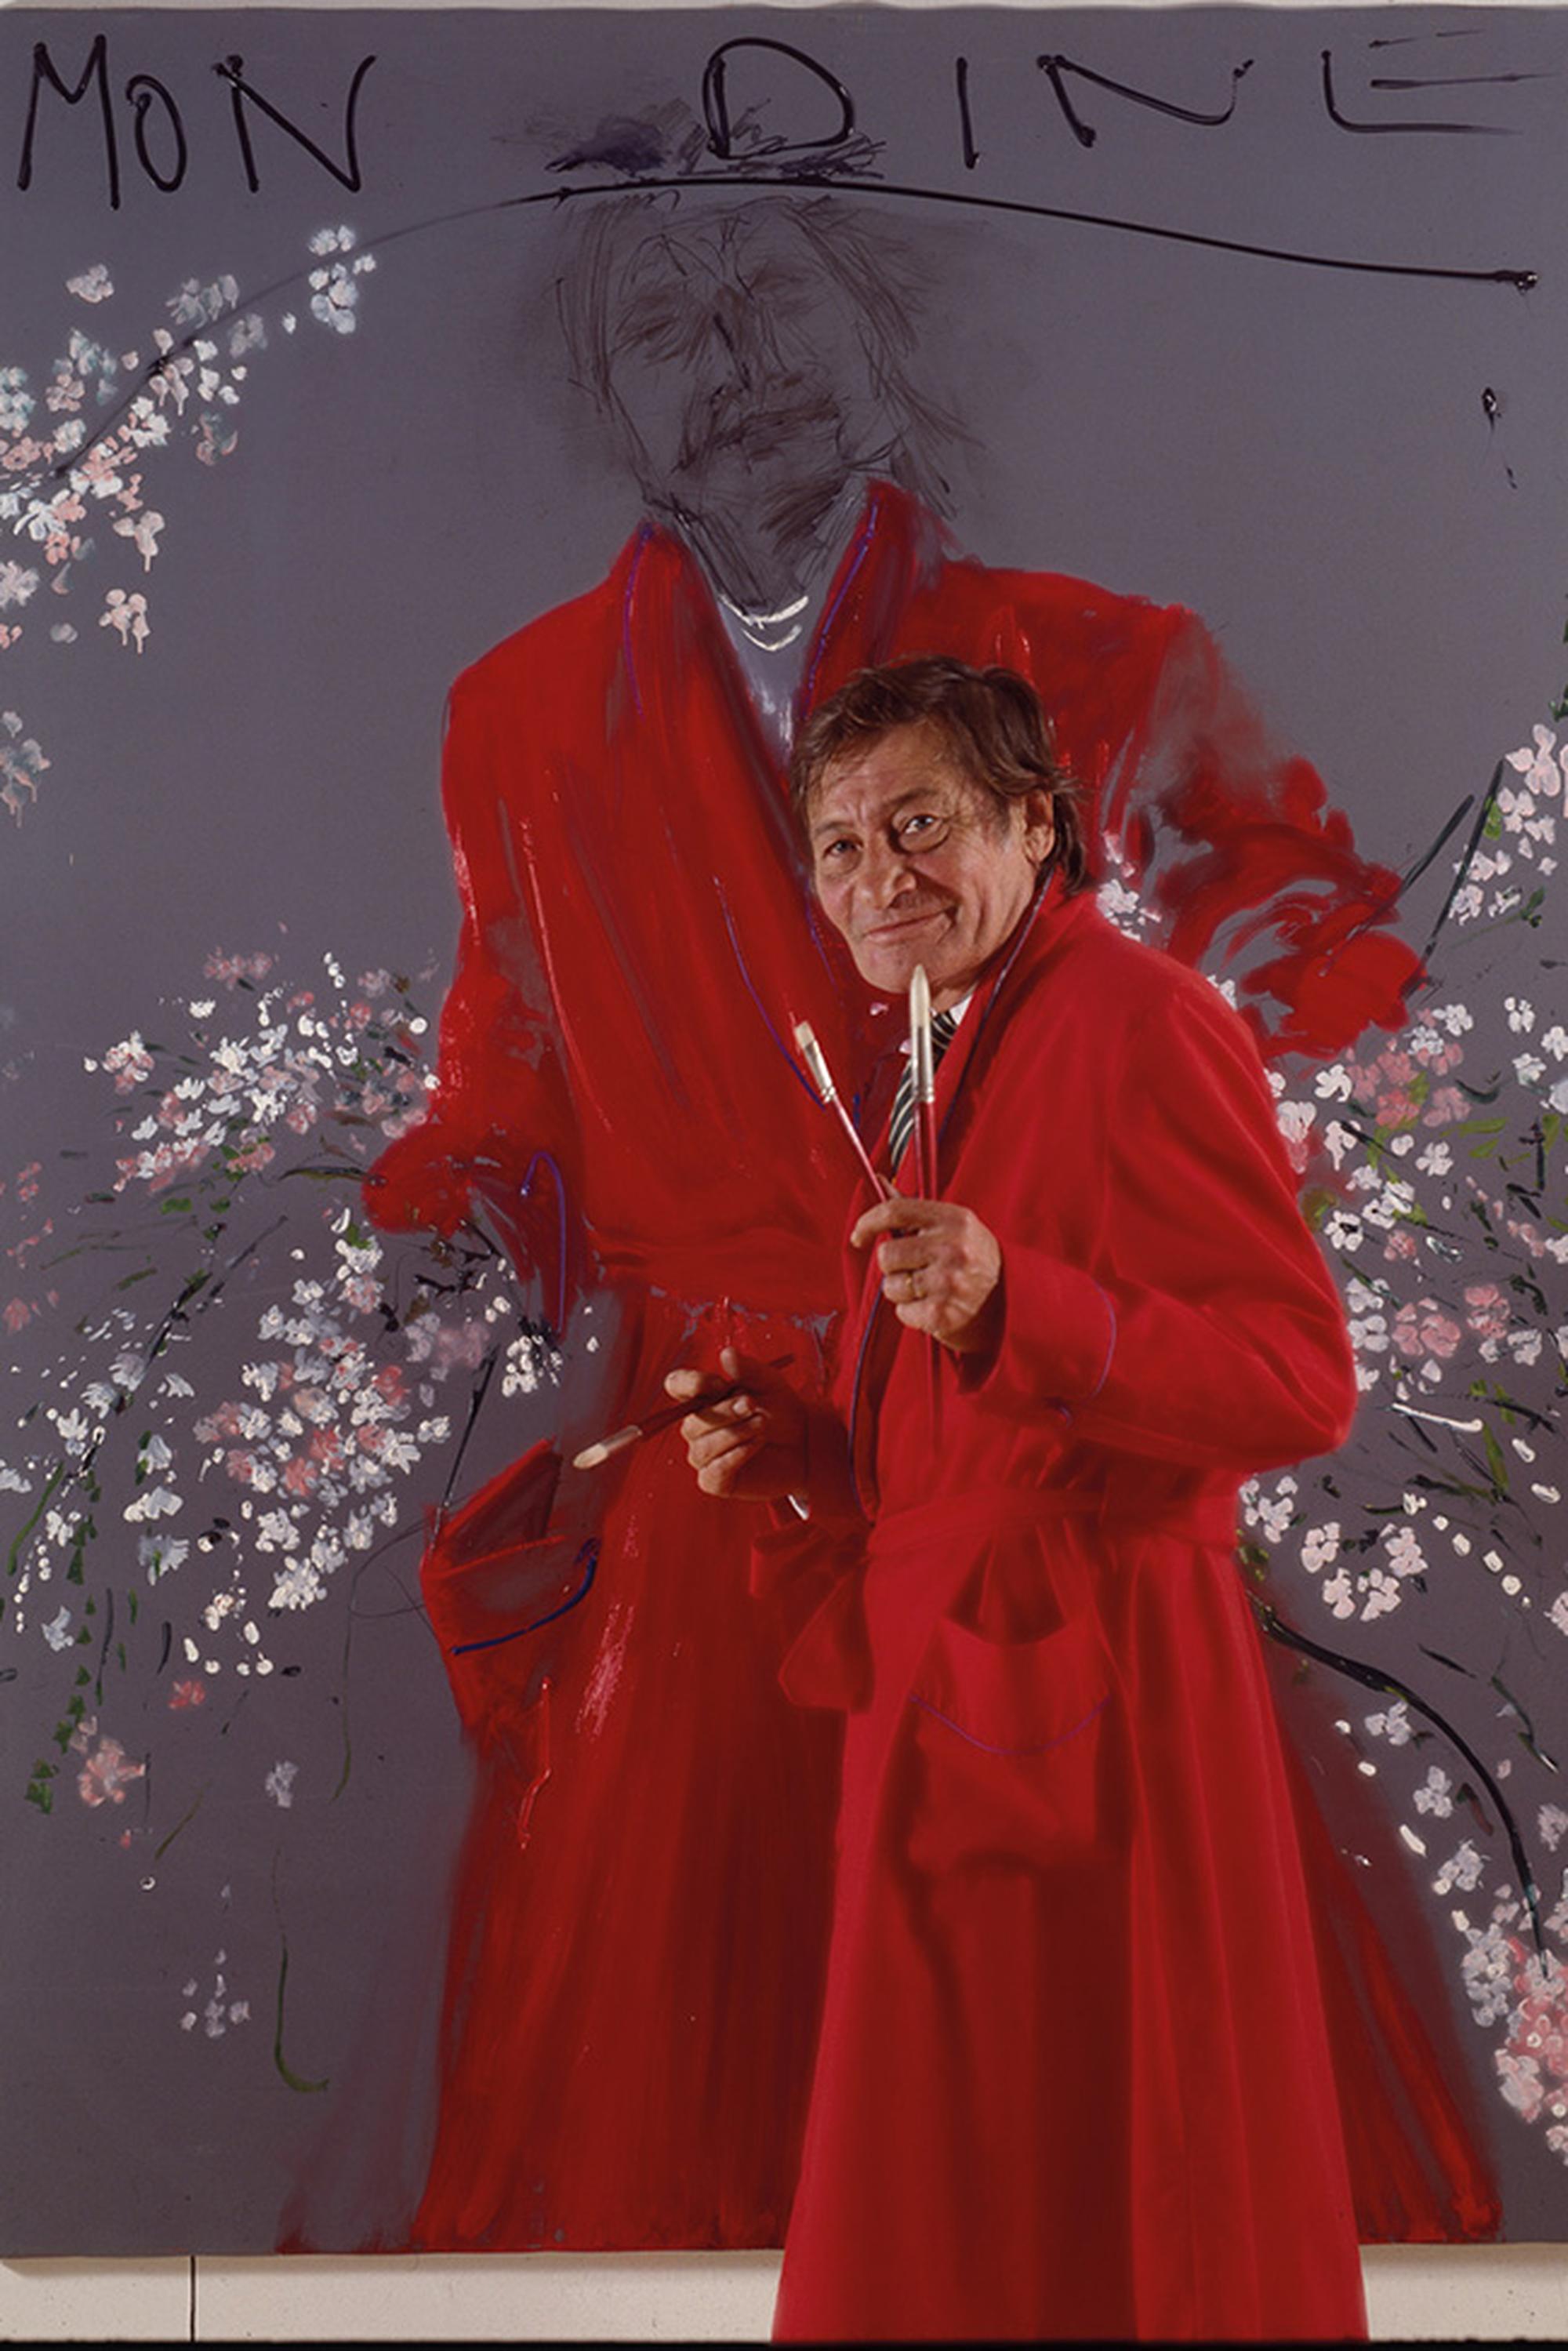 """Aldo Mondino,   Aldo Mondino posa davanti all'opera """"Mon Dine"""", 1992, olio su linoleum, 190 × 140 cm, Photo © Fabrizio Garghetti"""